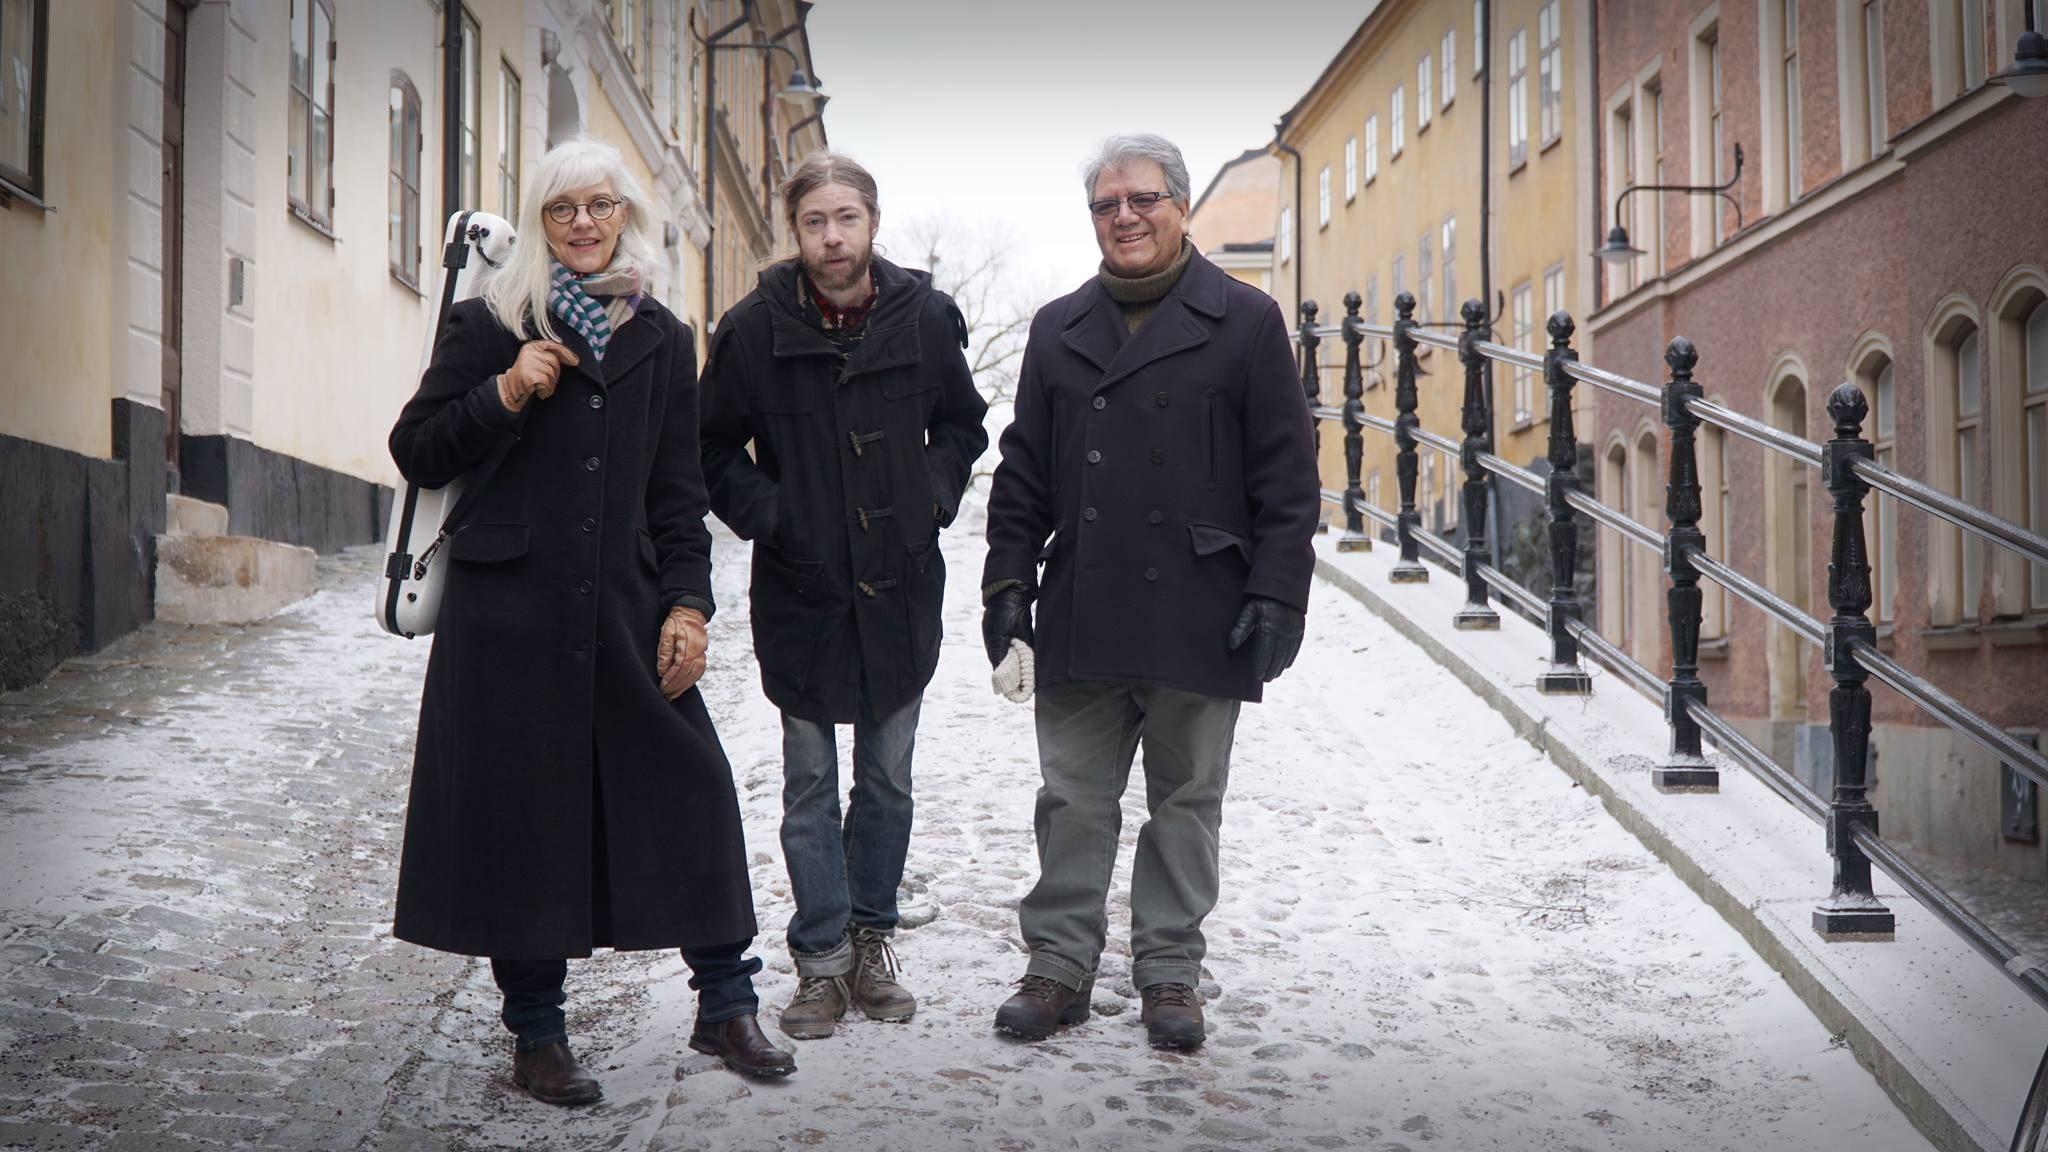 © Klubb SAM, Talking Time - Ellika Frisell, Robin Cochrane, Rafael Sida